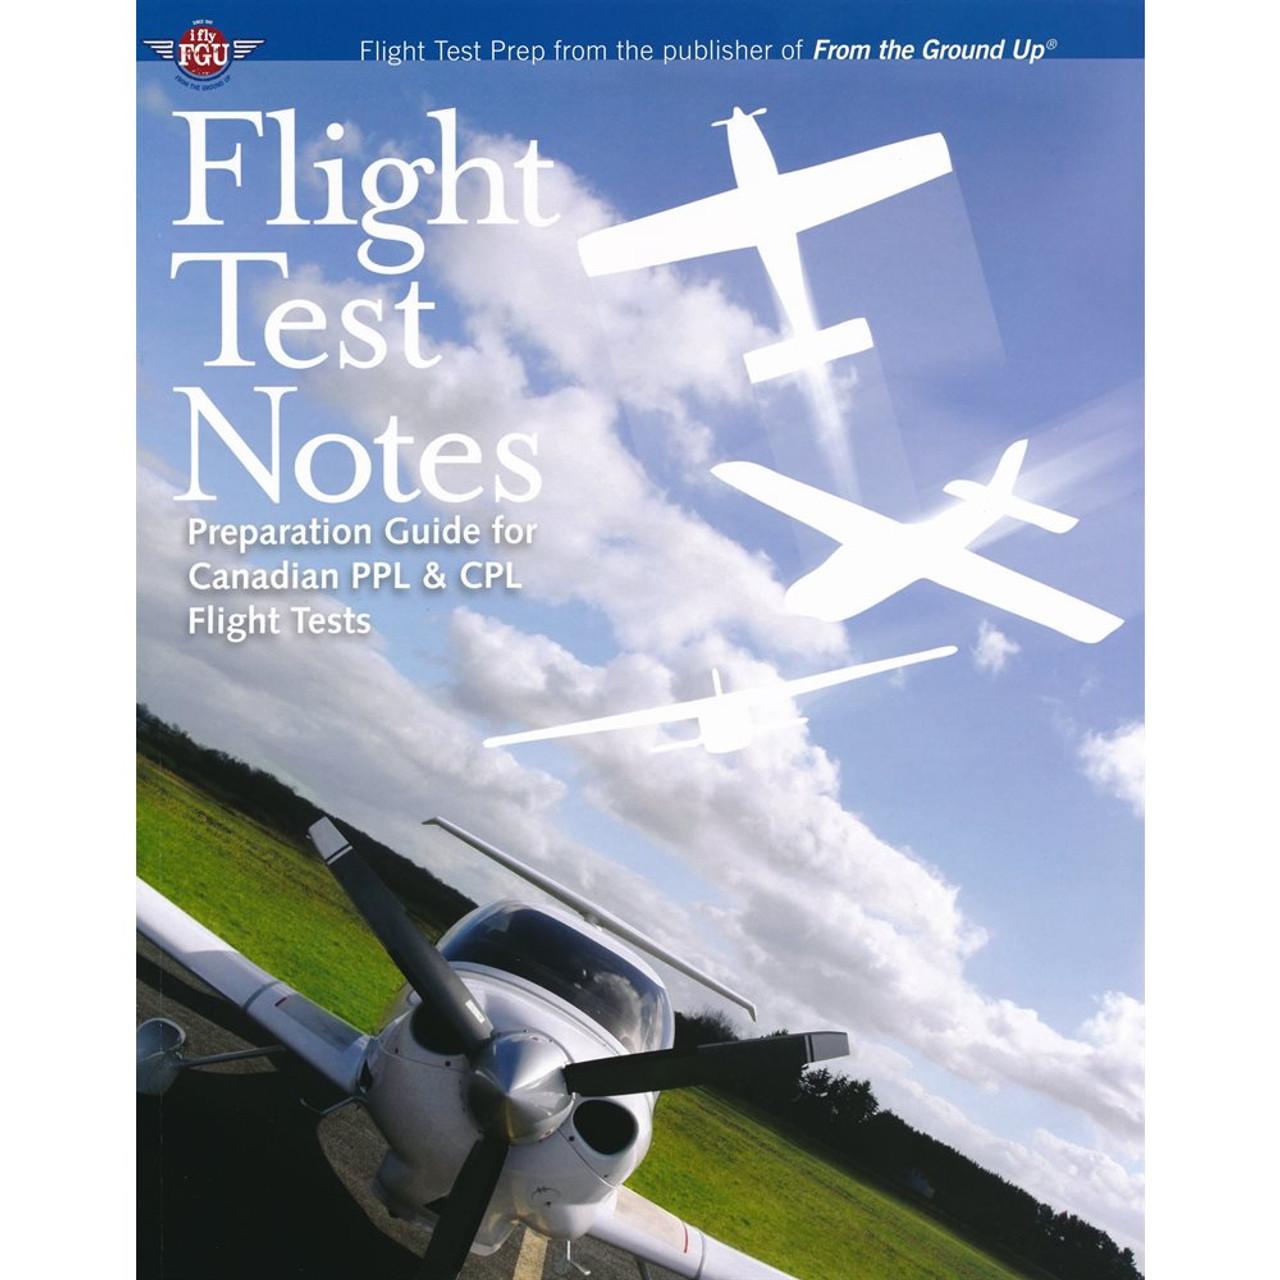 Flight Test Notes